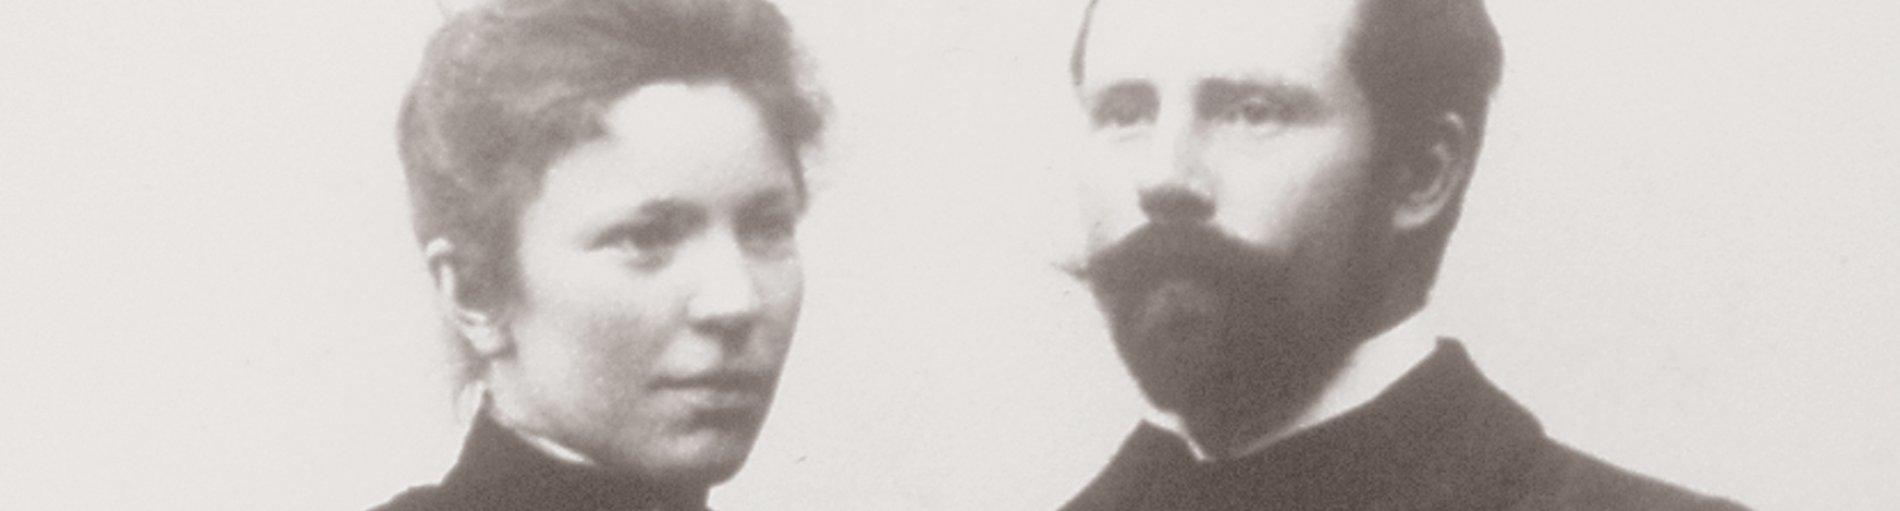 Ein Portrait von Hermine und Fritz Overbeck in schwarz-weiß.